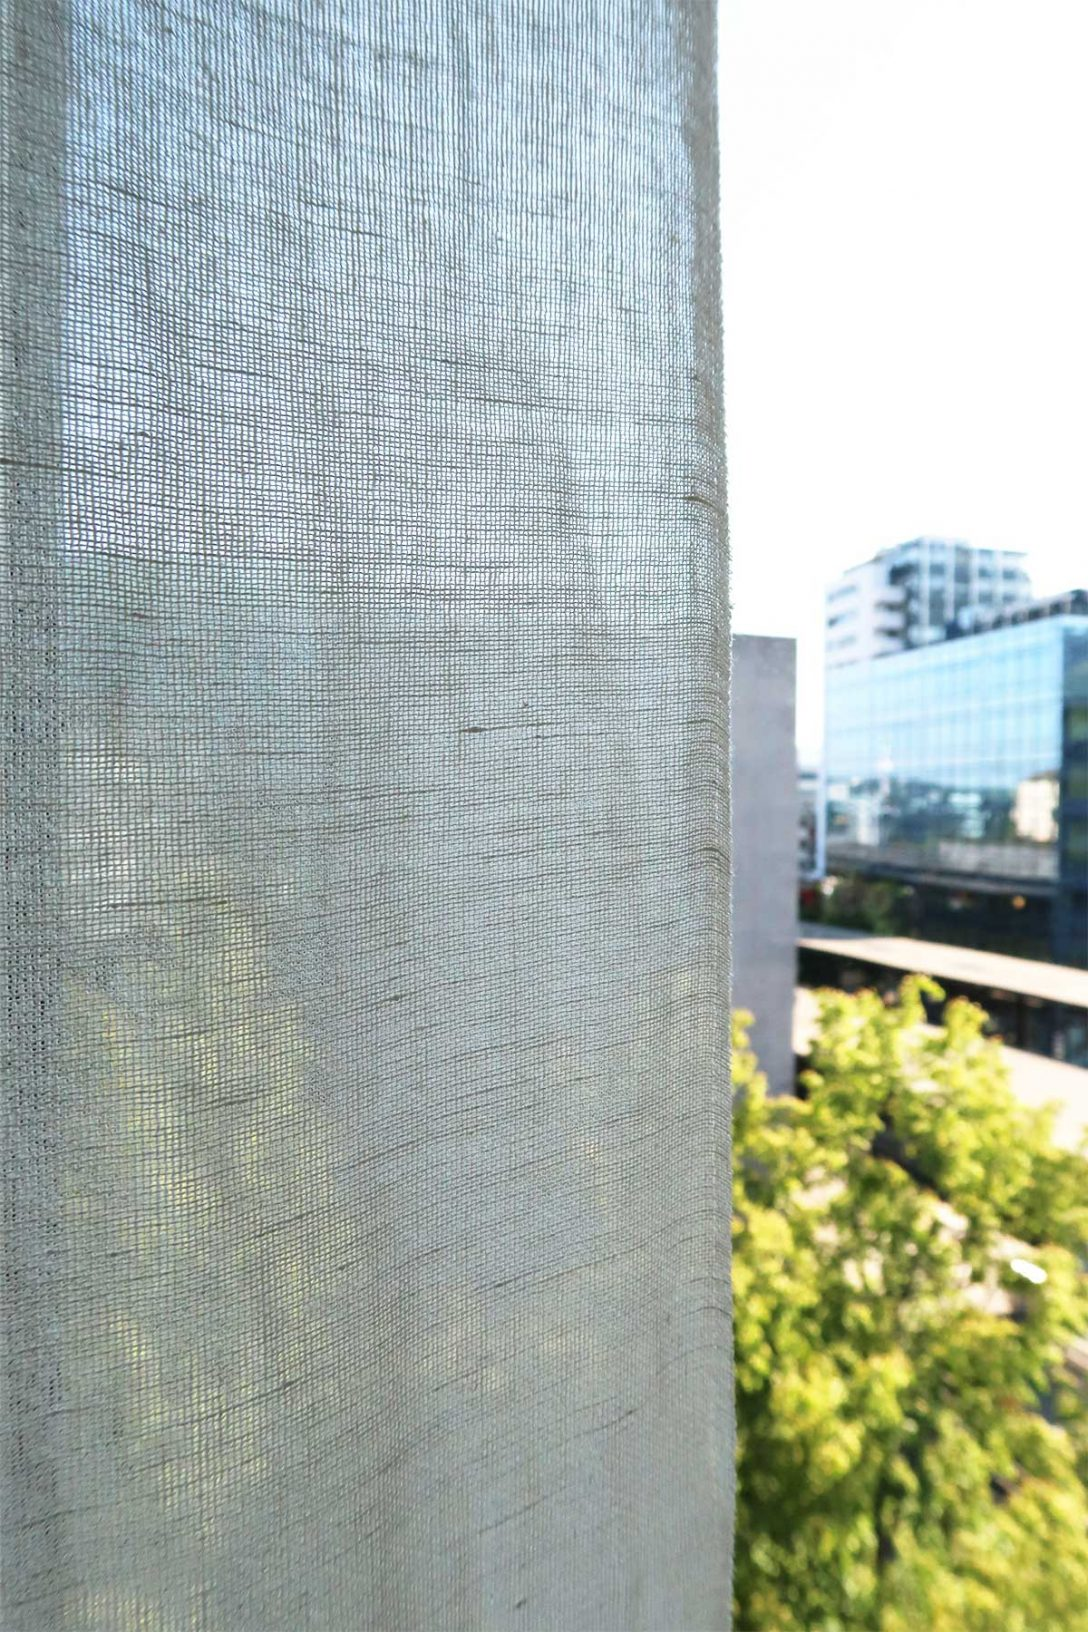 Large Size of Vorhänge Wohnzimmer Kräuselband Vorhang Wohnzimmer Schiebegardinen Vorhänge Wohnzimmer Blau Vorhang Wohnzimmer Trend Wohnzimmer Vorhang Wohnzimmer